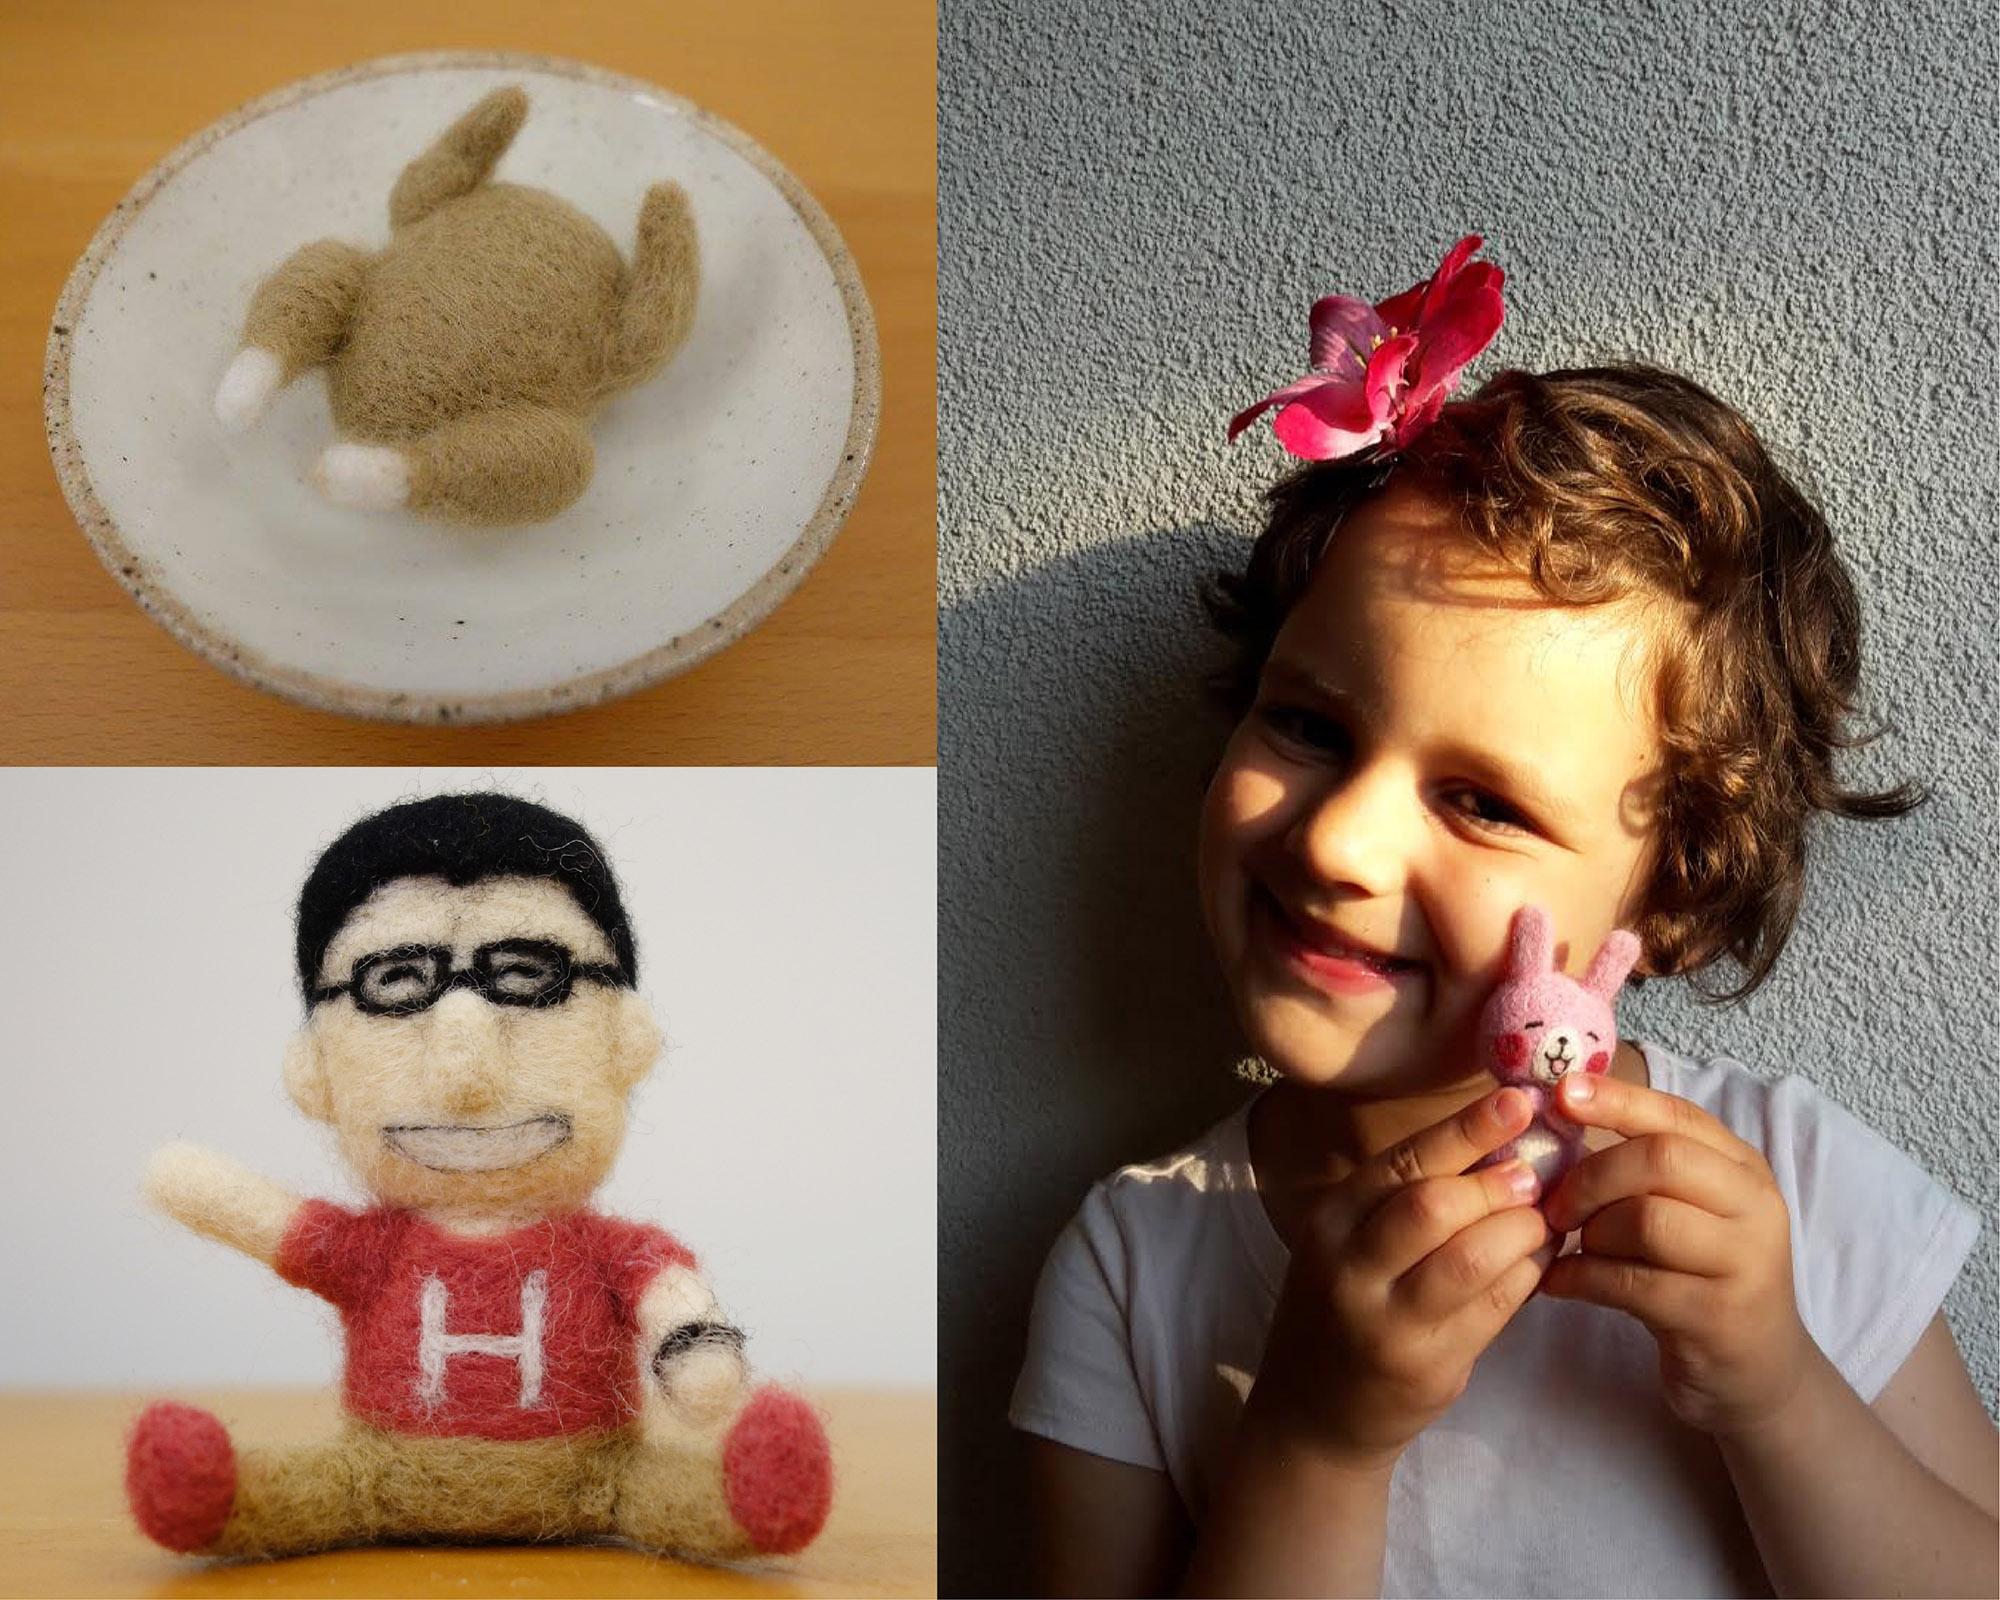 許育進在研究之餘製作的羊毛氈:慶祝感恩節的火雞、自己的 Q 版化身、送給國外學者女兒的小兔子。圖│矮酥酥手作羊毛氈